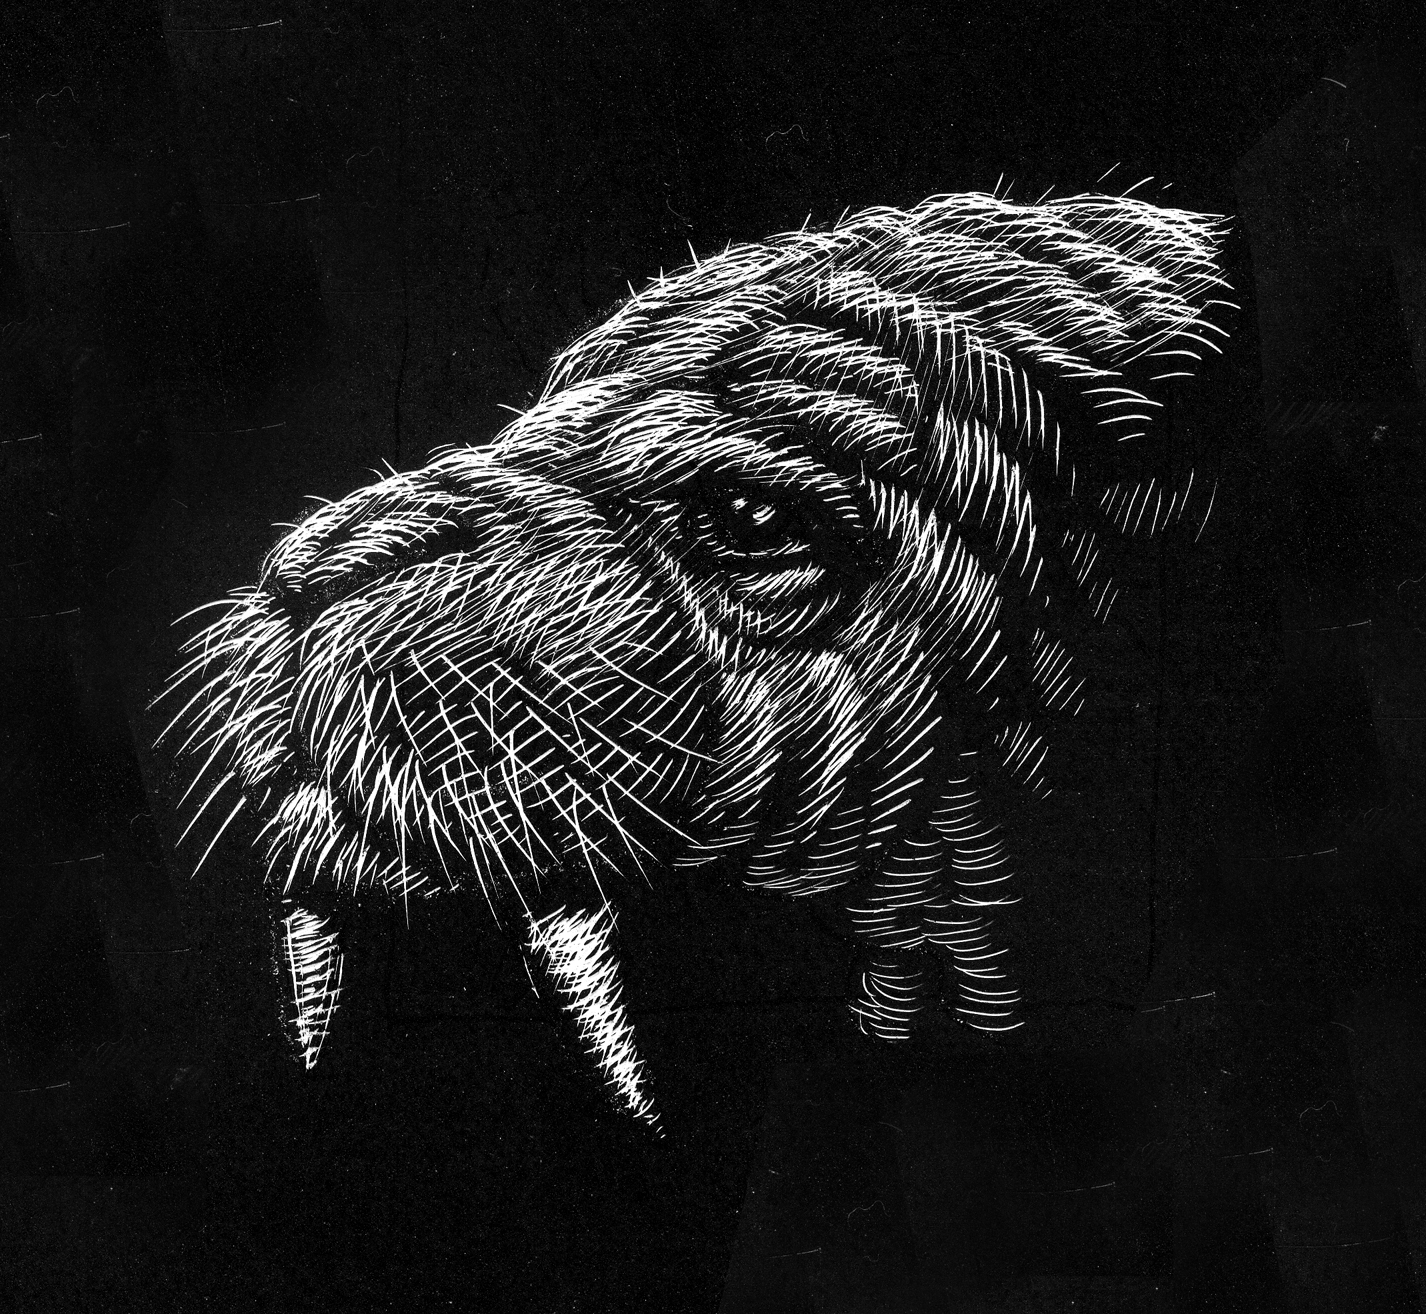 scratchboard_walrus_face20150403.jpg